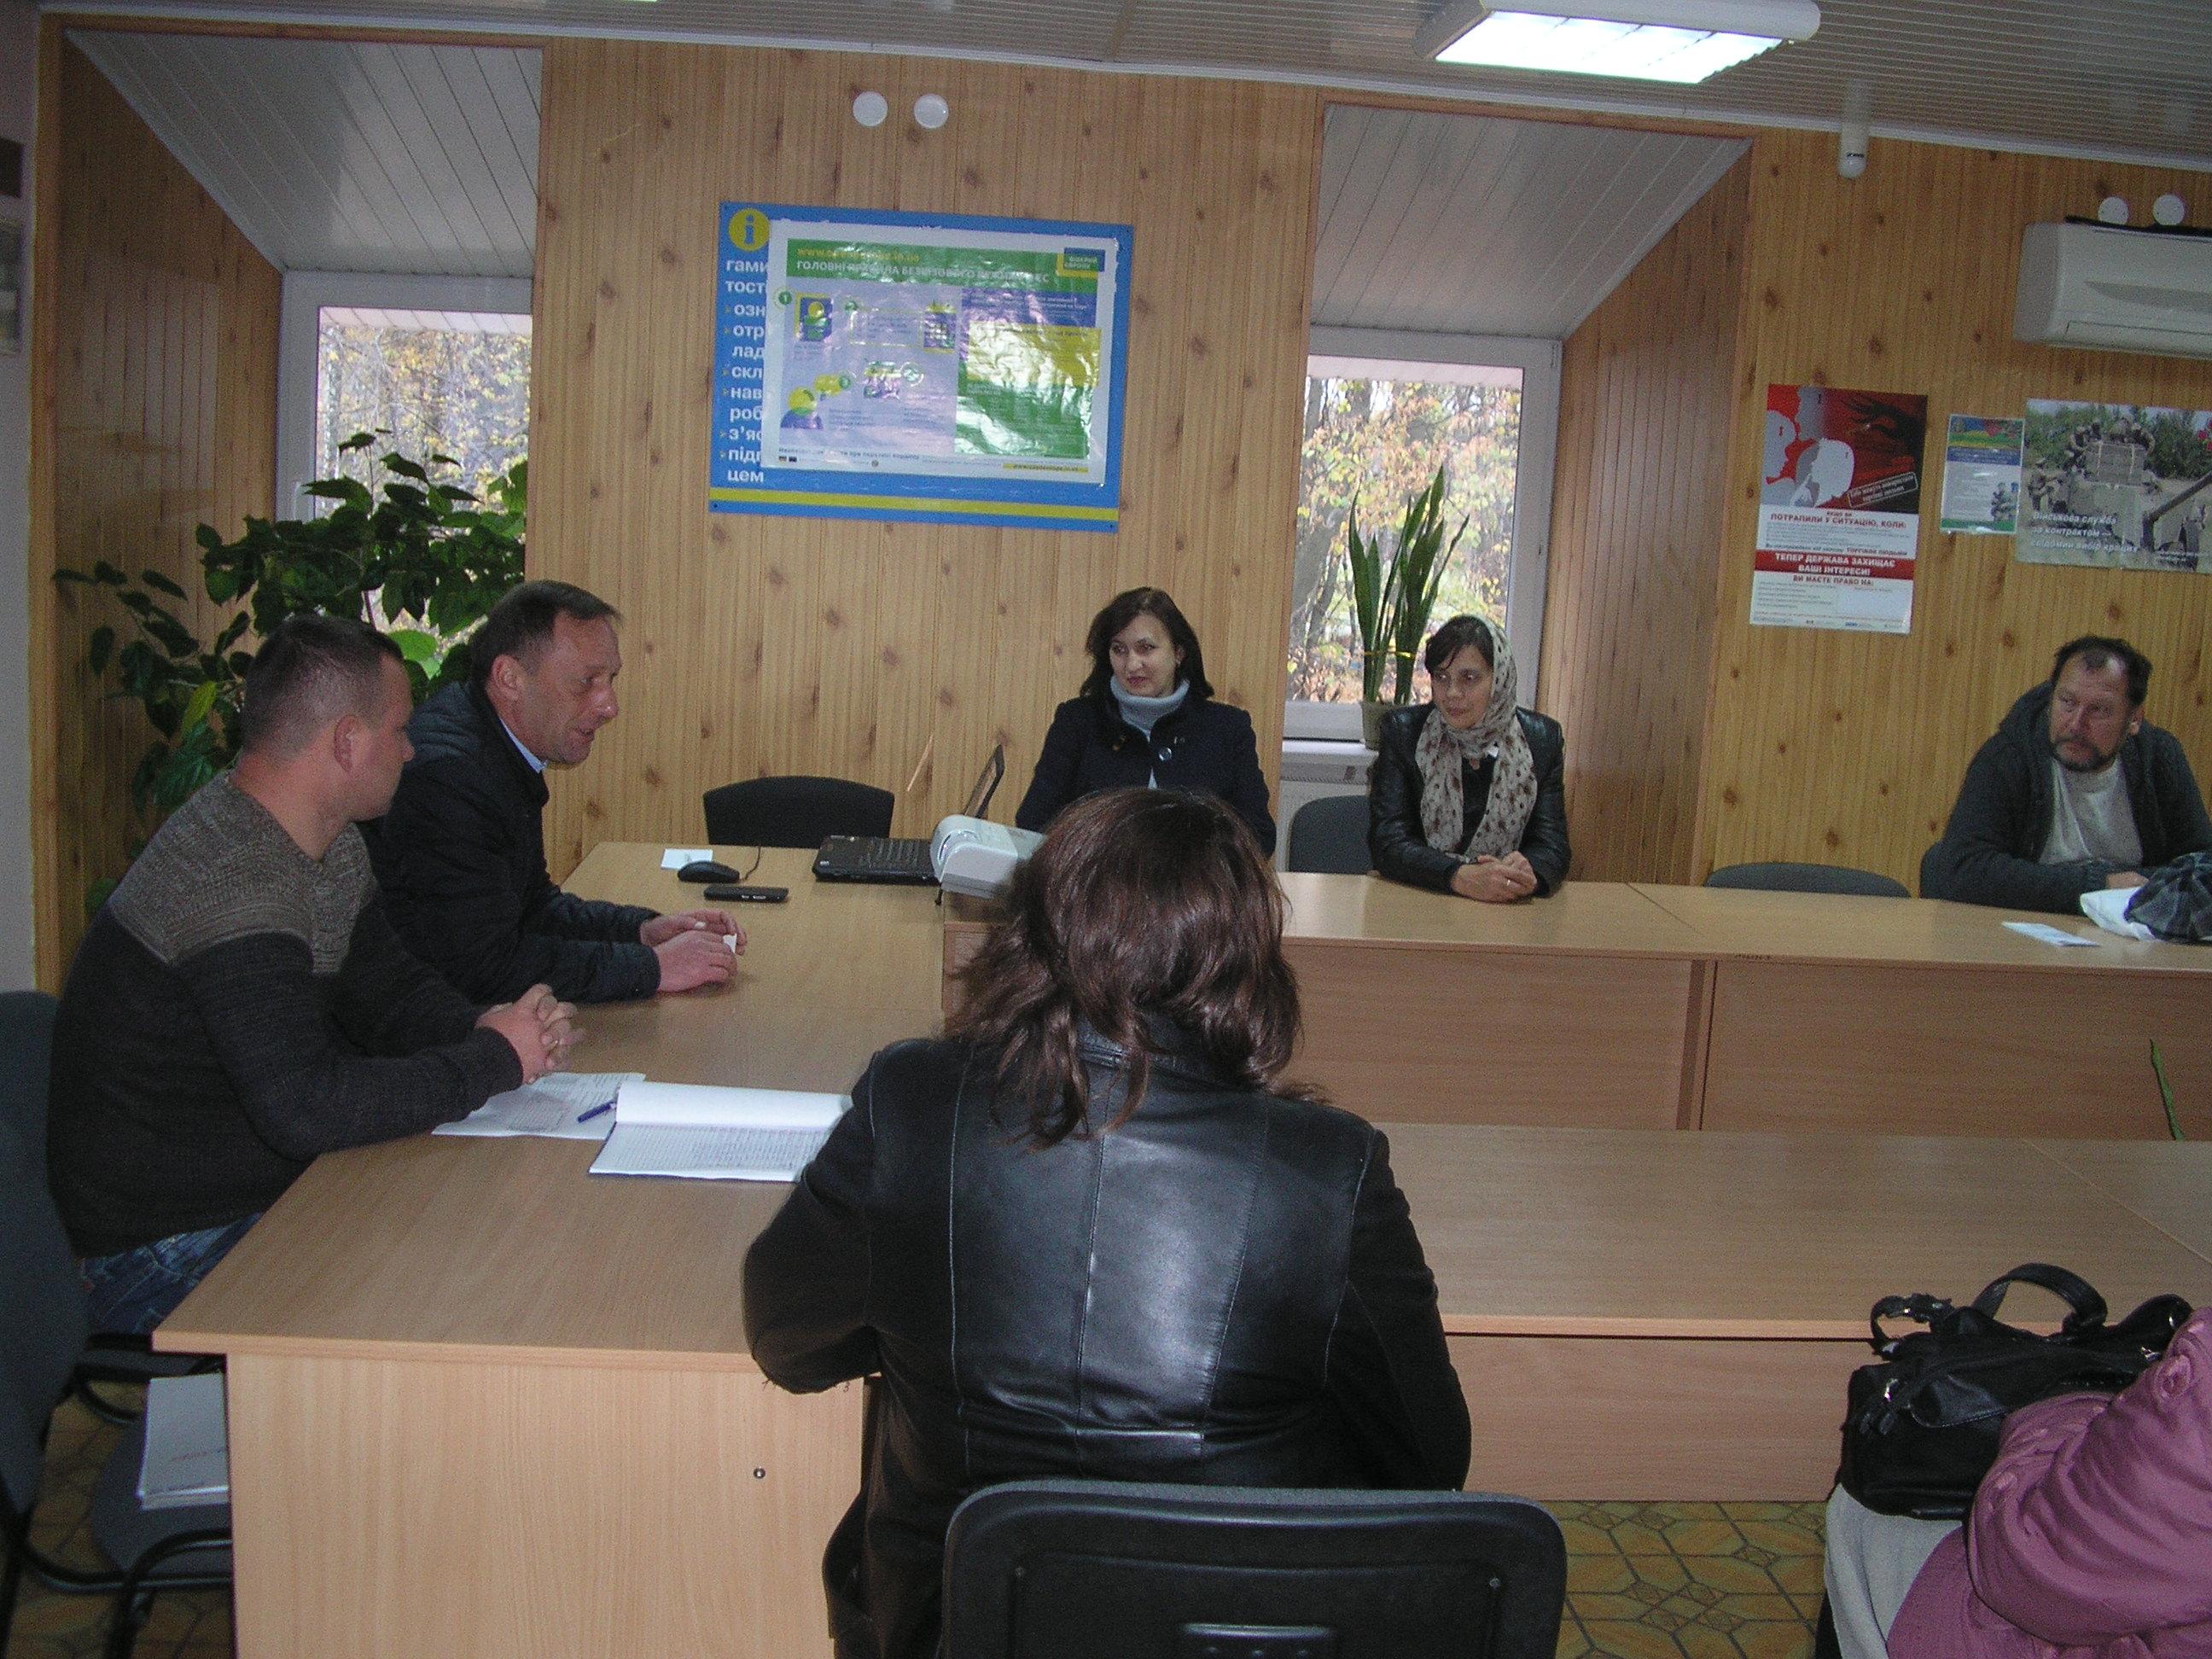 q1320111.003 - Спеціалісти сервісних центрів розповіли про пенсії громадянам,  які знаходяться у пошуках роботи